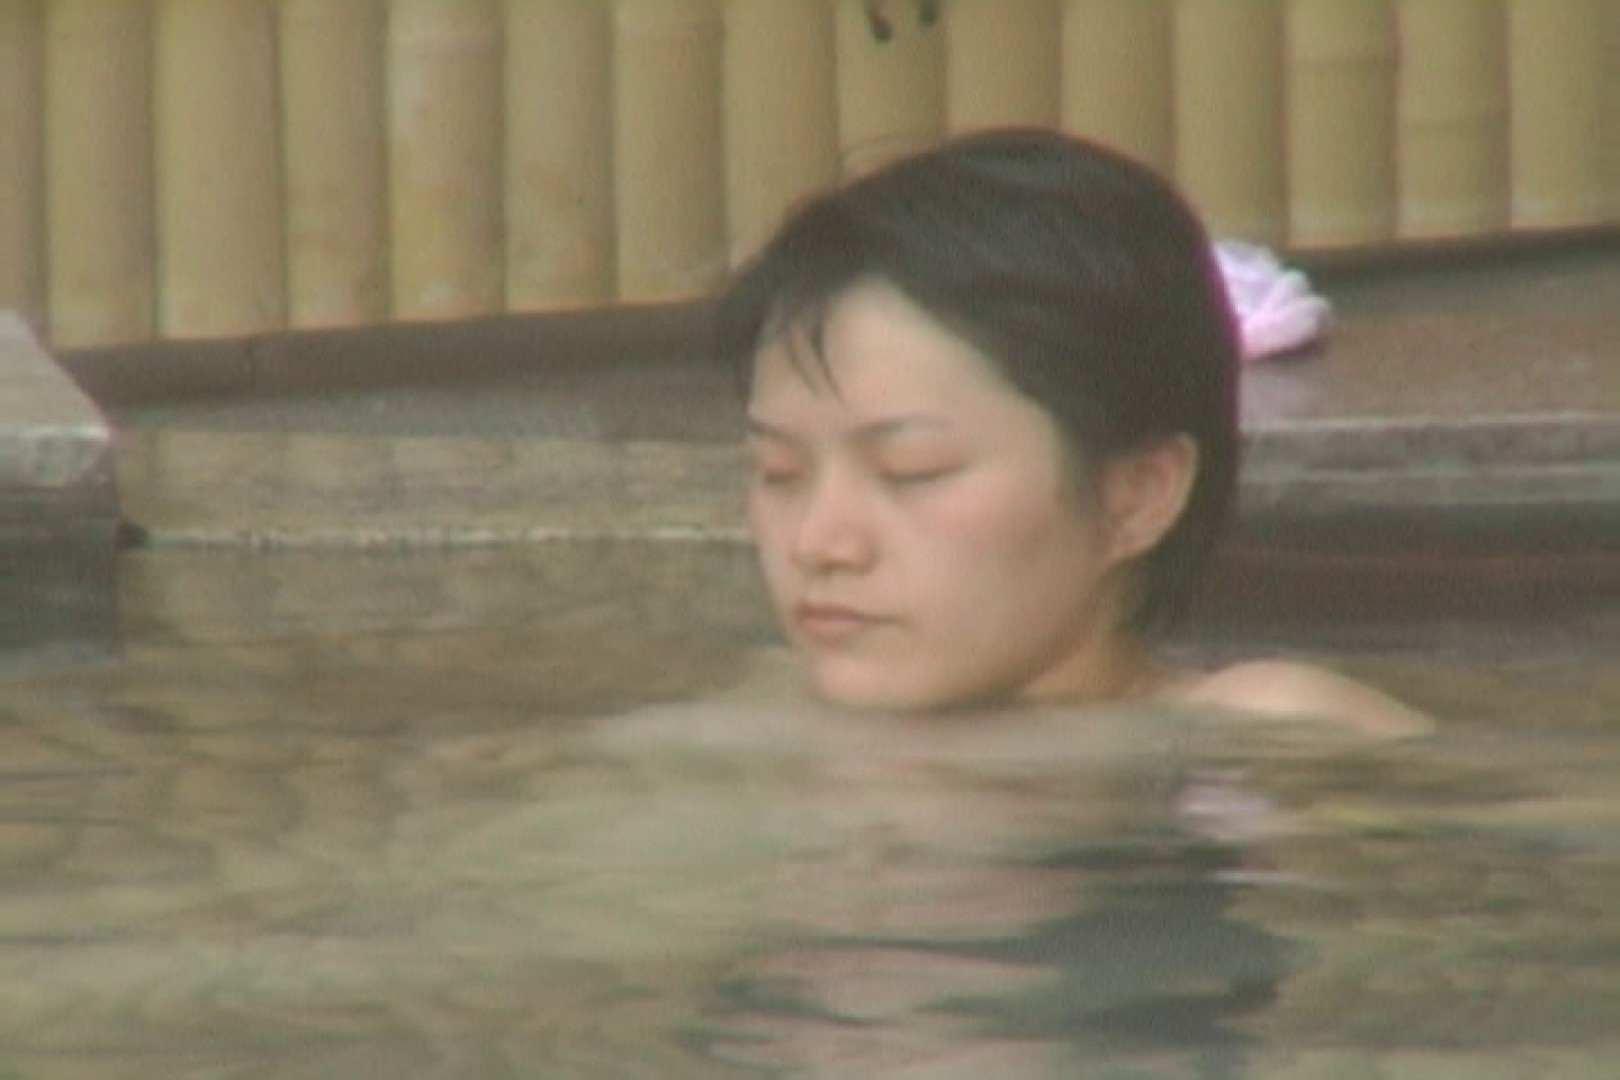 Aquaな露天風呂Vol.116 OL  54pic 5